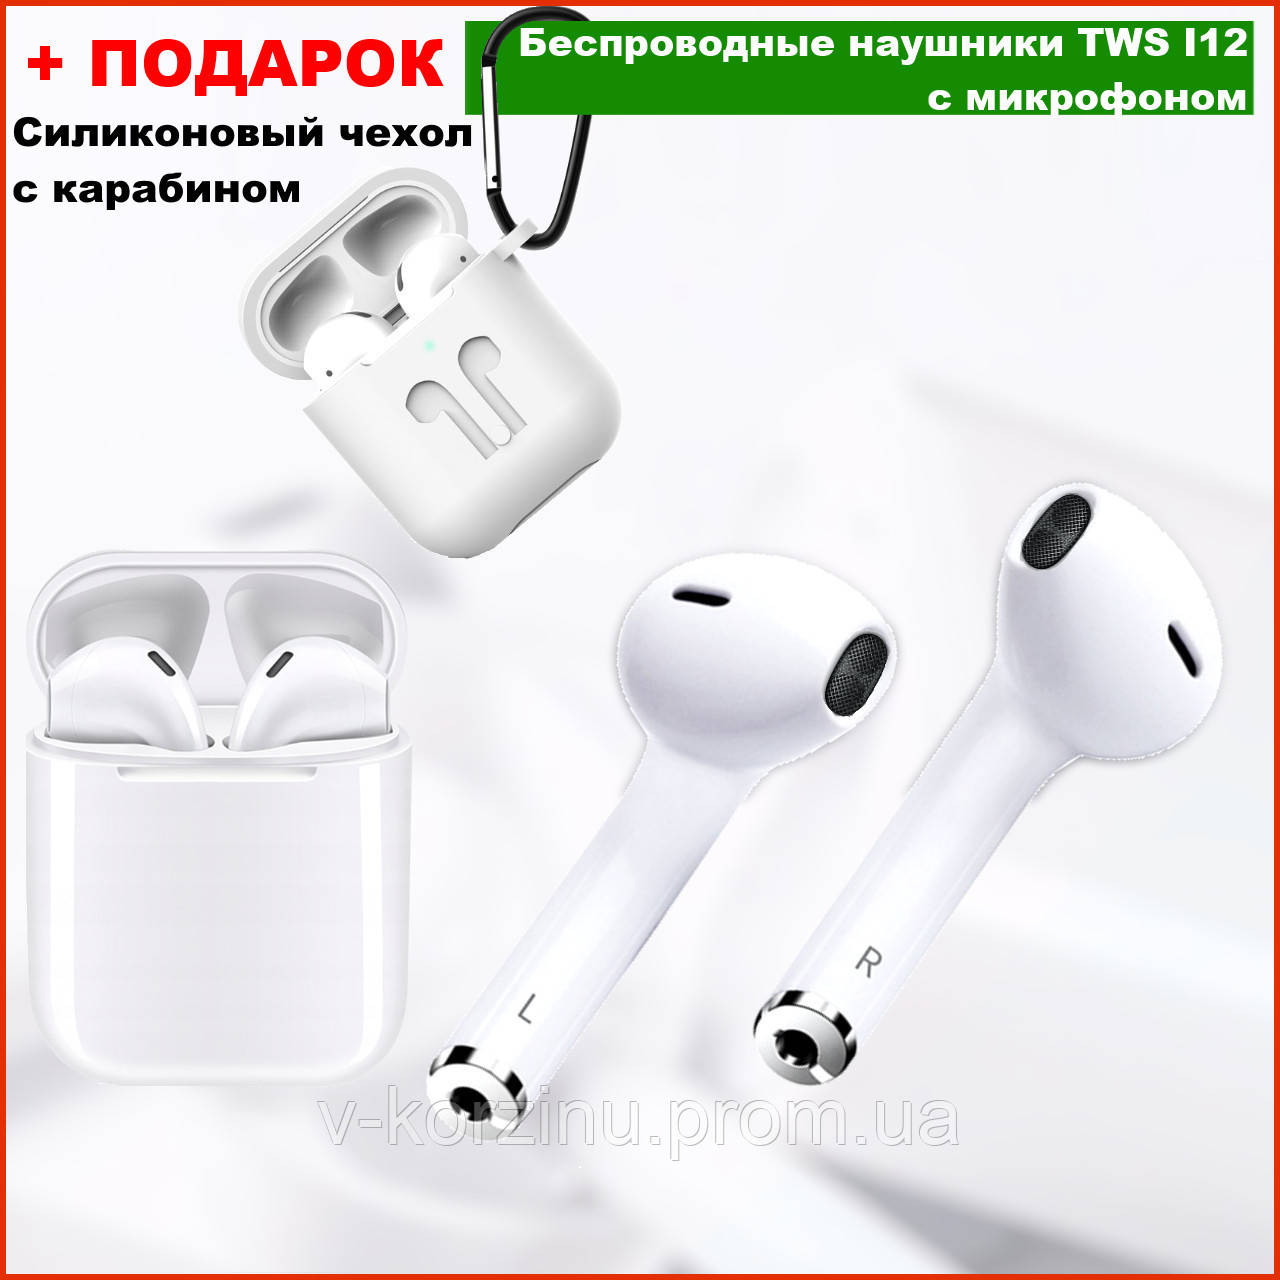 Беспроводные наушники TWS I12 Bluetooth с зарядным кейсом в стиле AirPods гарнитура микрофон телефон блютуз